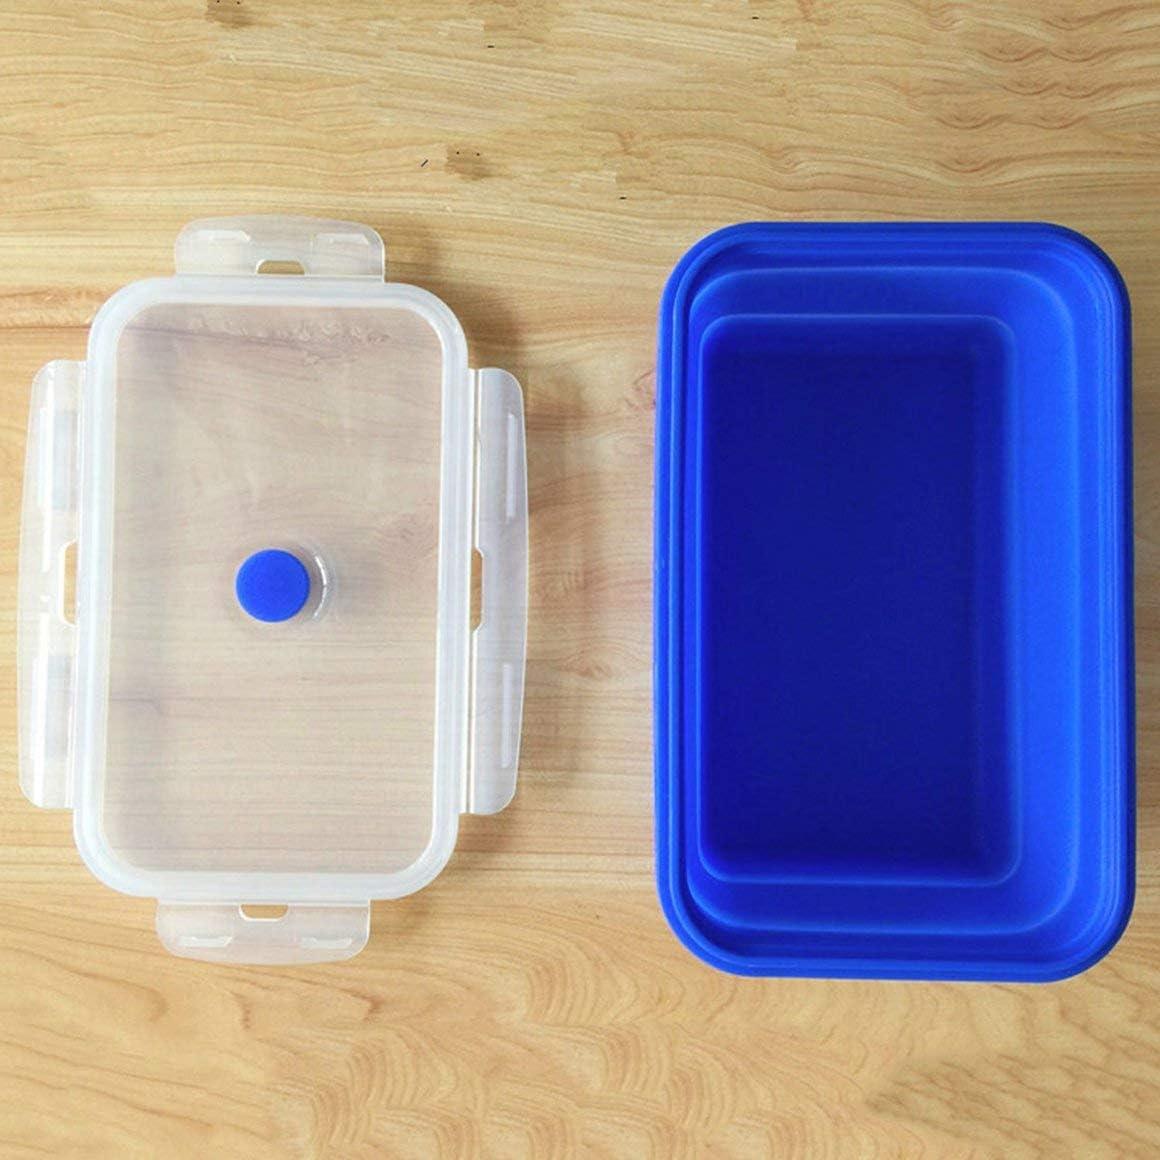 Funnyrunstore Pratique Bo/îte /à lunch pliable color/ée en silicone Respectueux de lenvironnement Portable Taille Enfants Conteneur de nourriture Four /à micro-ondes Lunchbox 1200ml